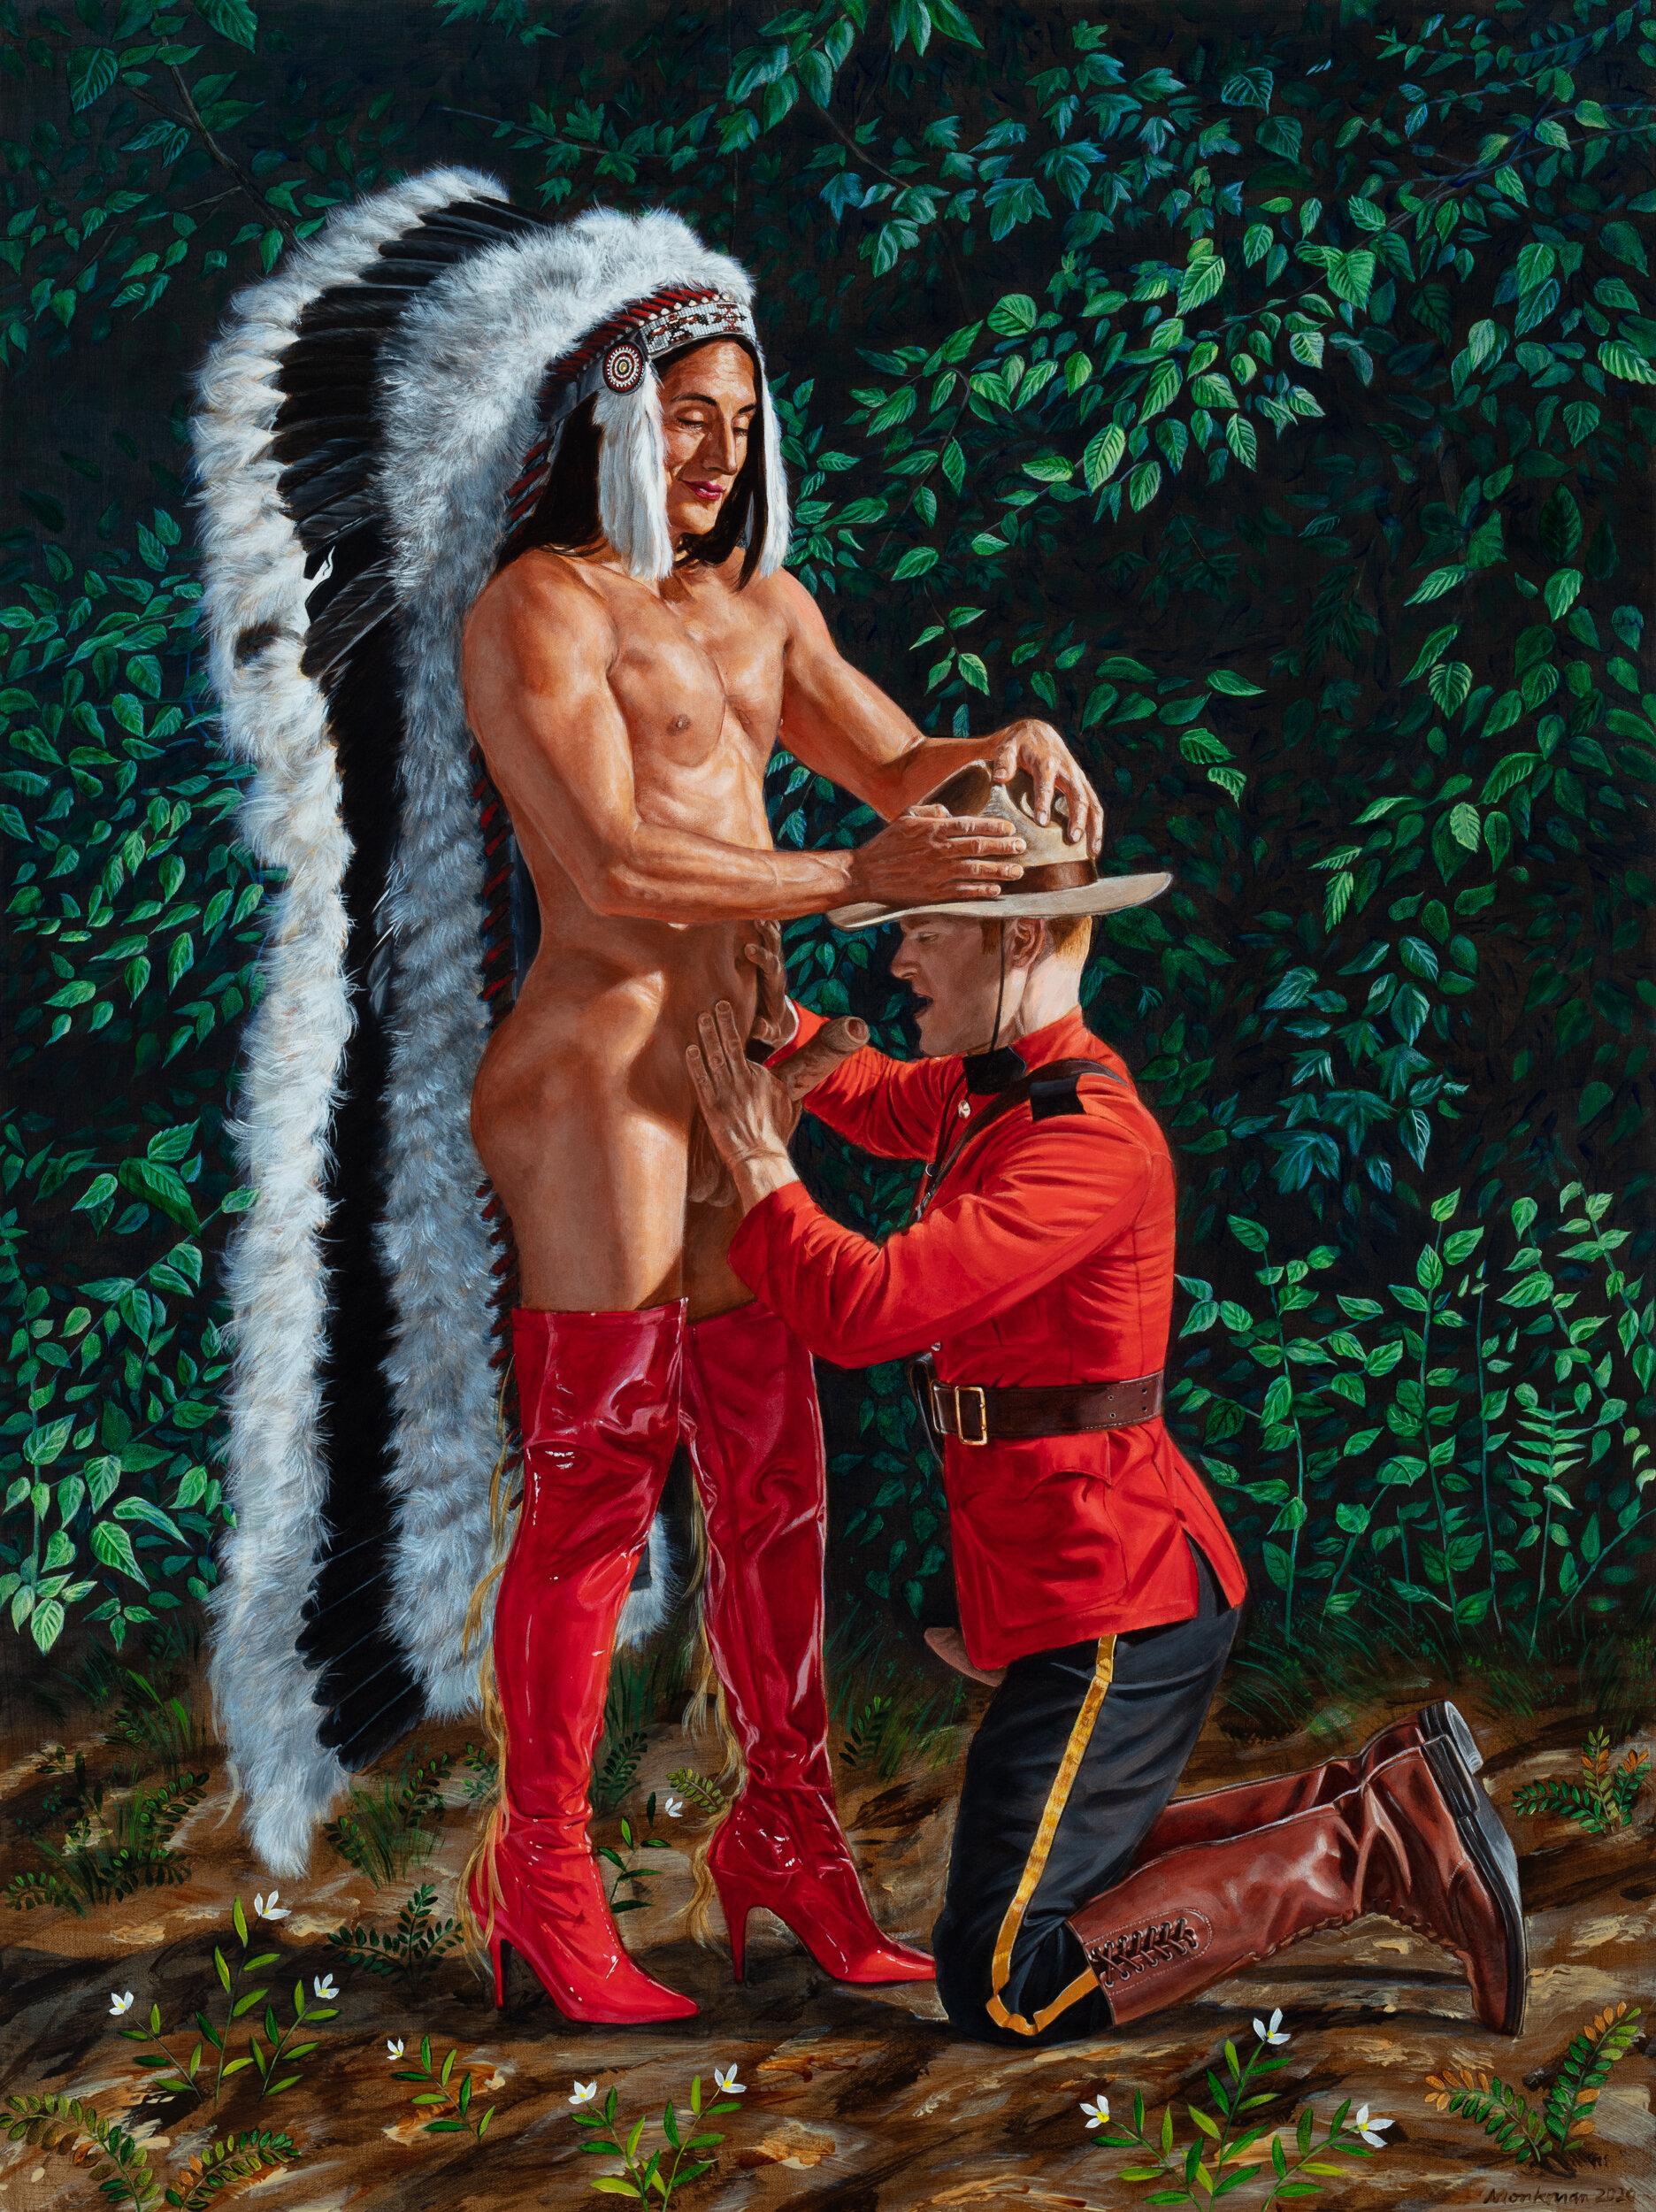 Conoce a Kent Monkman, el provocador artista que reta la visión colonial del arte con la experiencia indígena